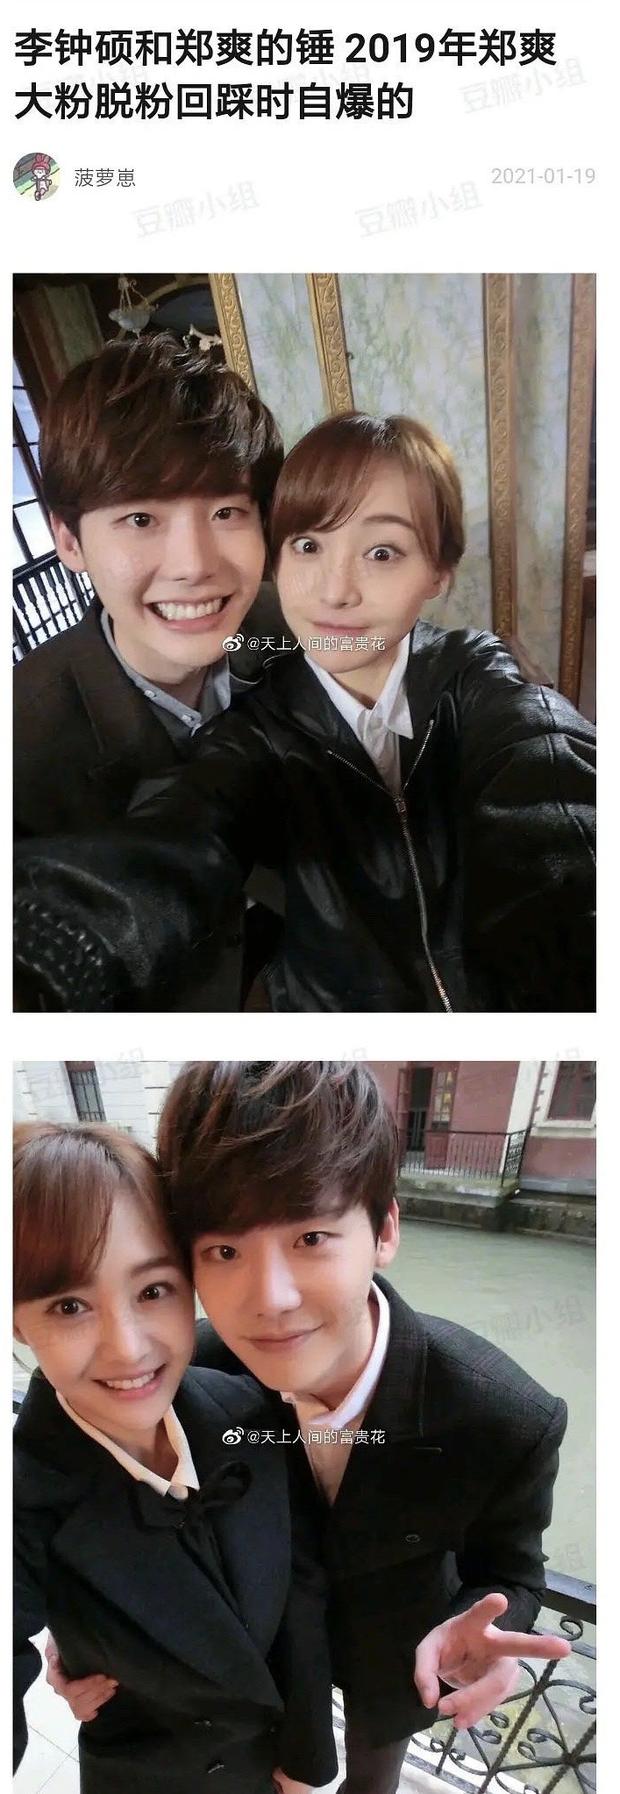 Fan lật mặt khẳng định Trịnh Sảng ngoại tình với Lee Jong Suk, lộ thêm cả cách đánh dấu bạn trai gây choáng - Ảnh 2.